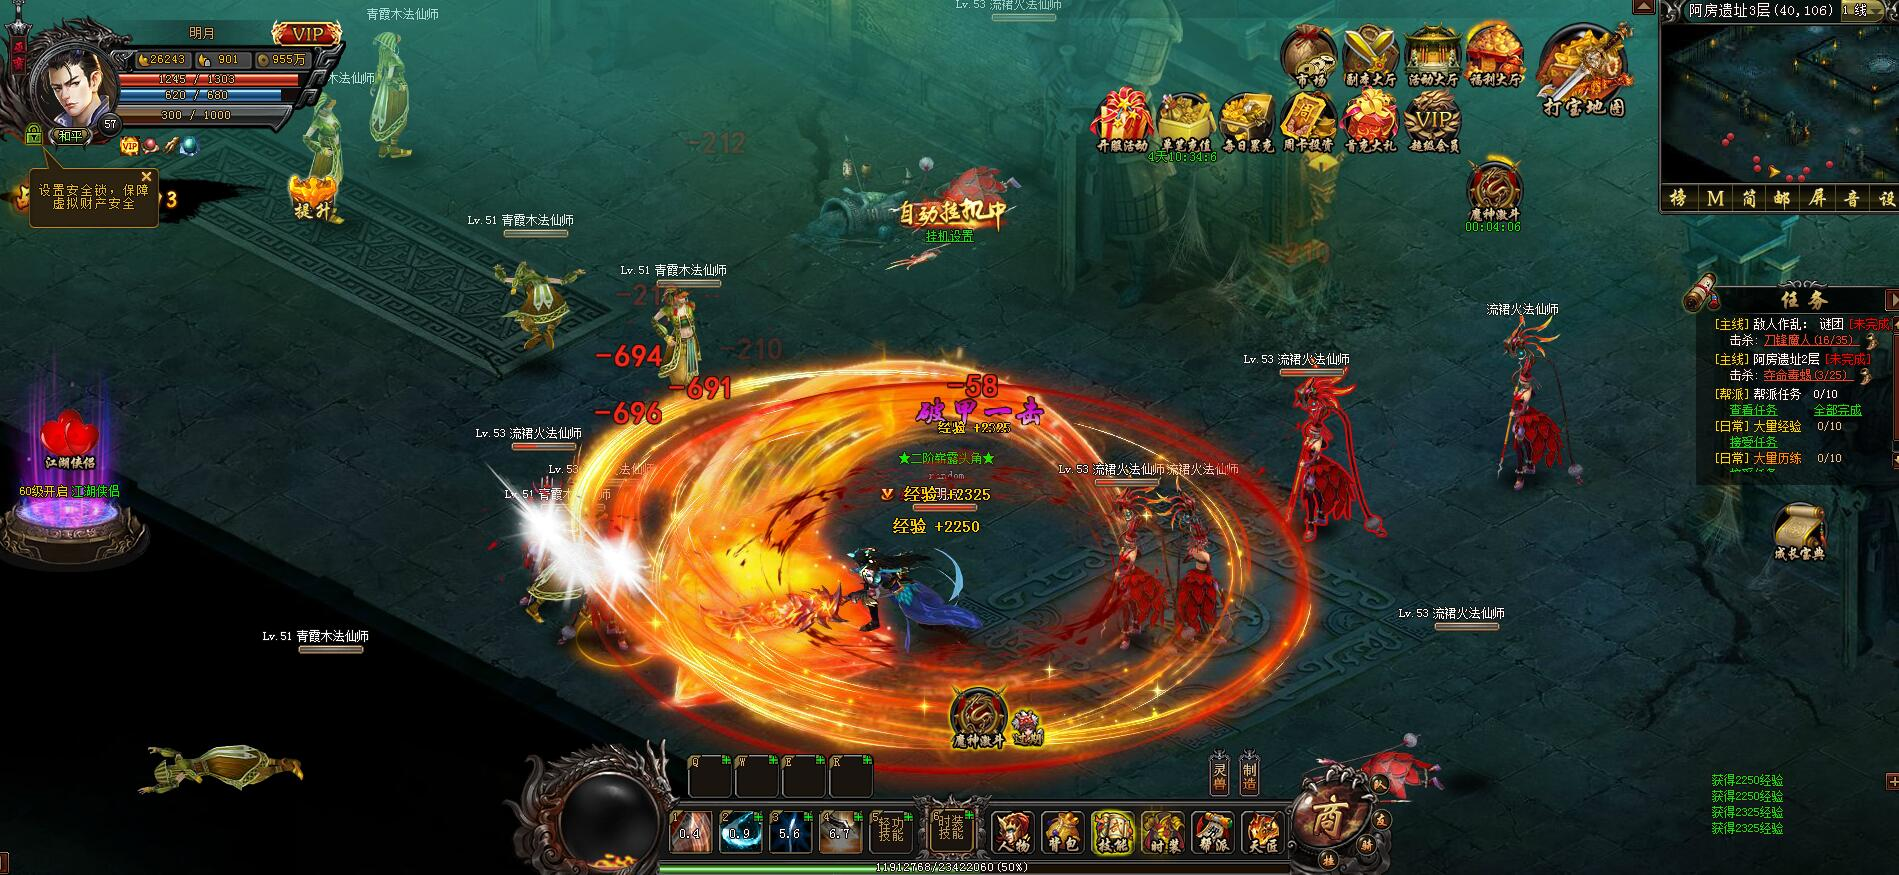 《龙之炎黄魂》游戏截图